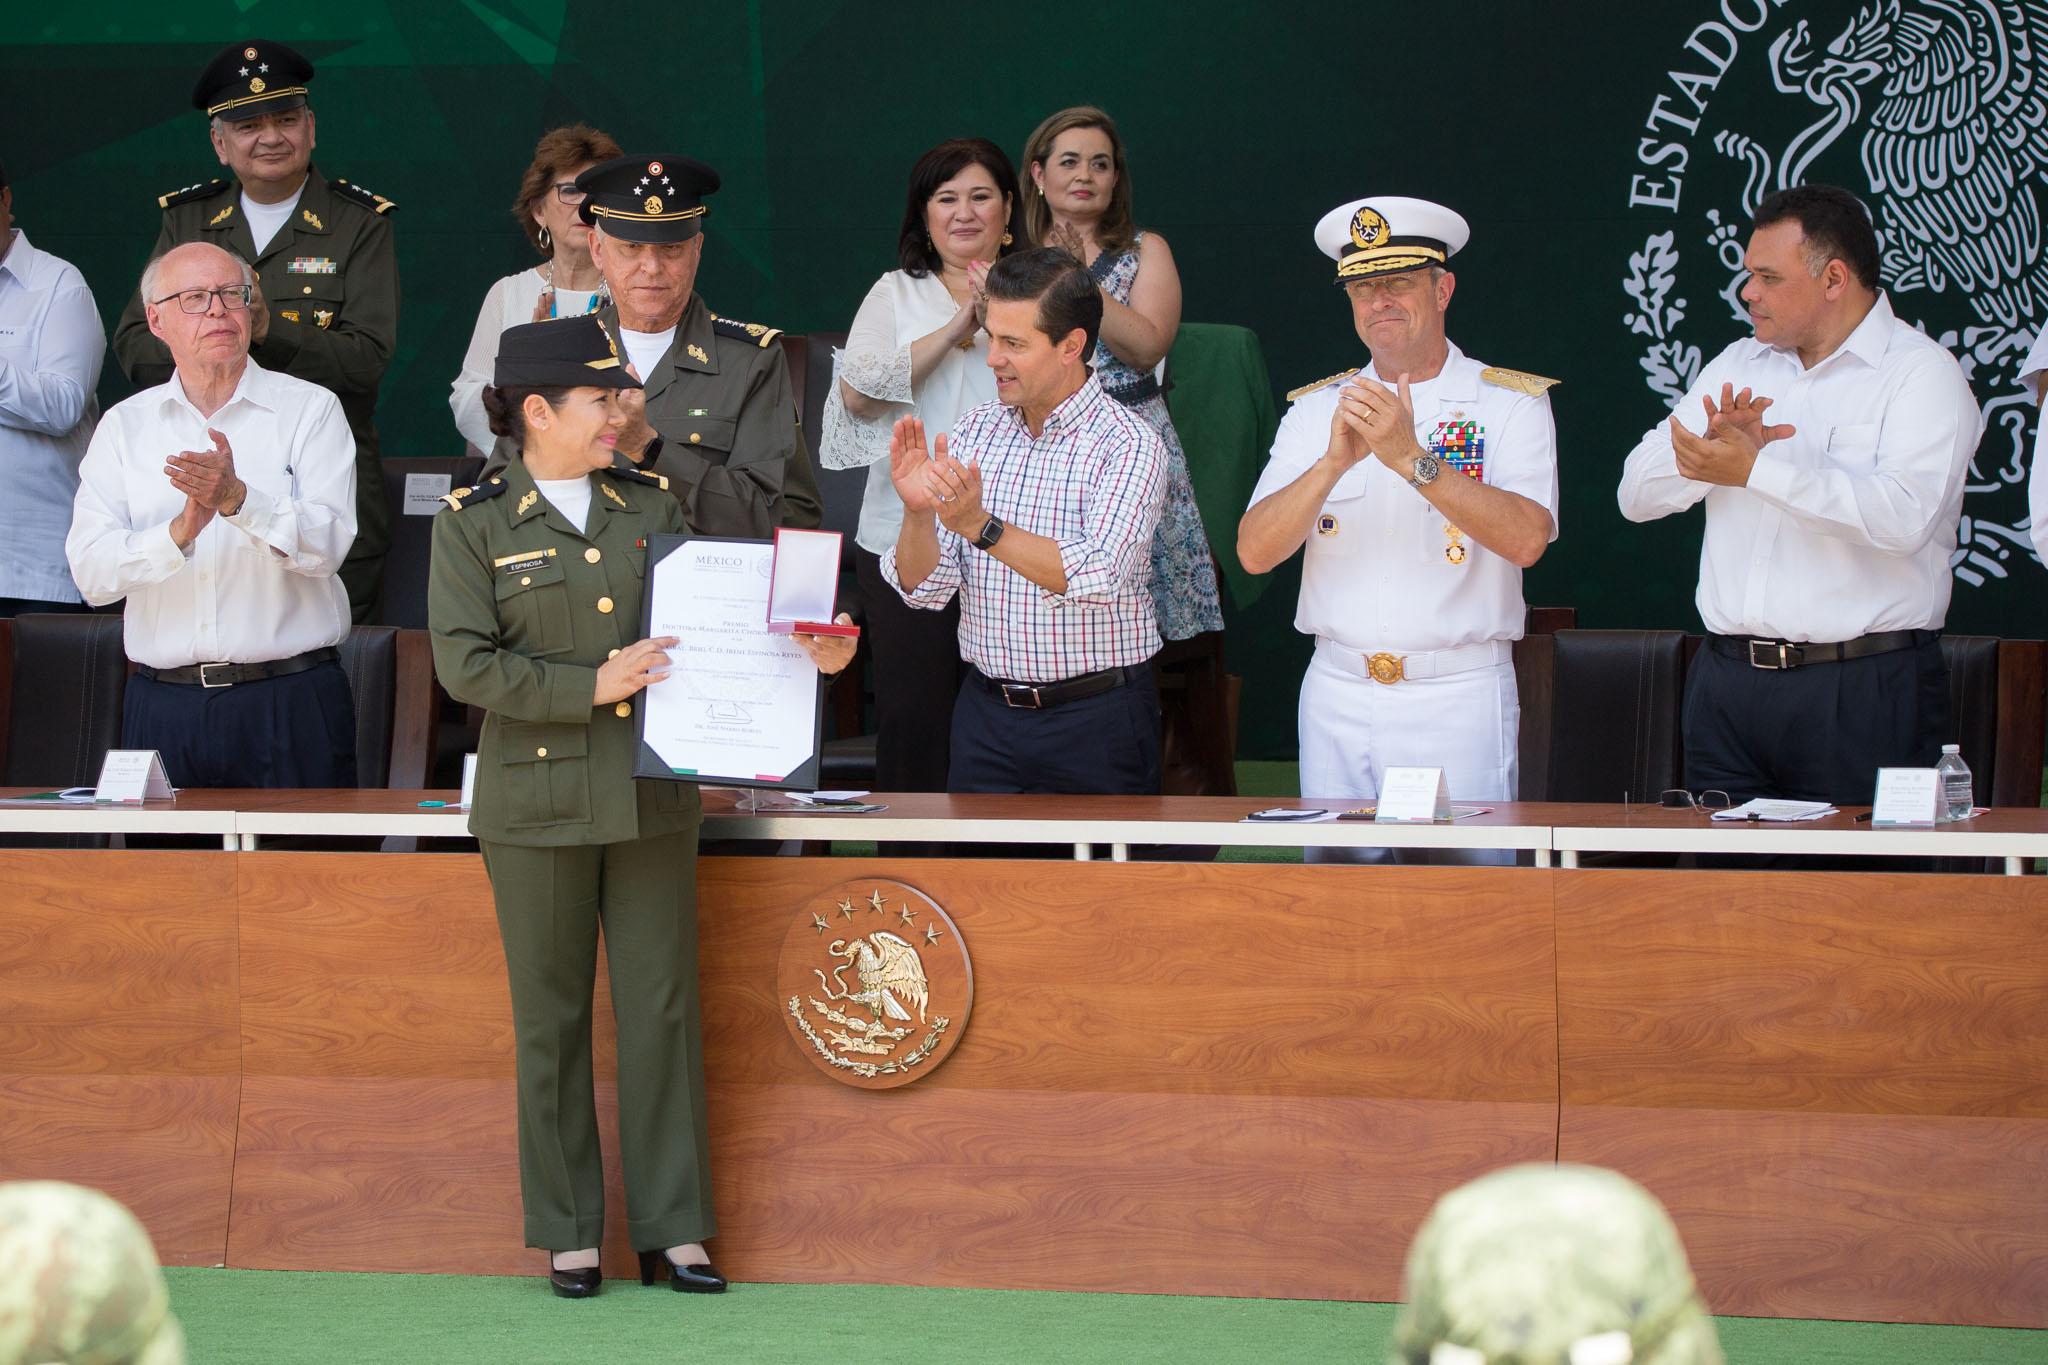 Insiste Peña Nieto en defensa de la dignidad de mexicanos